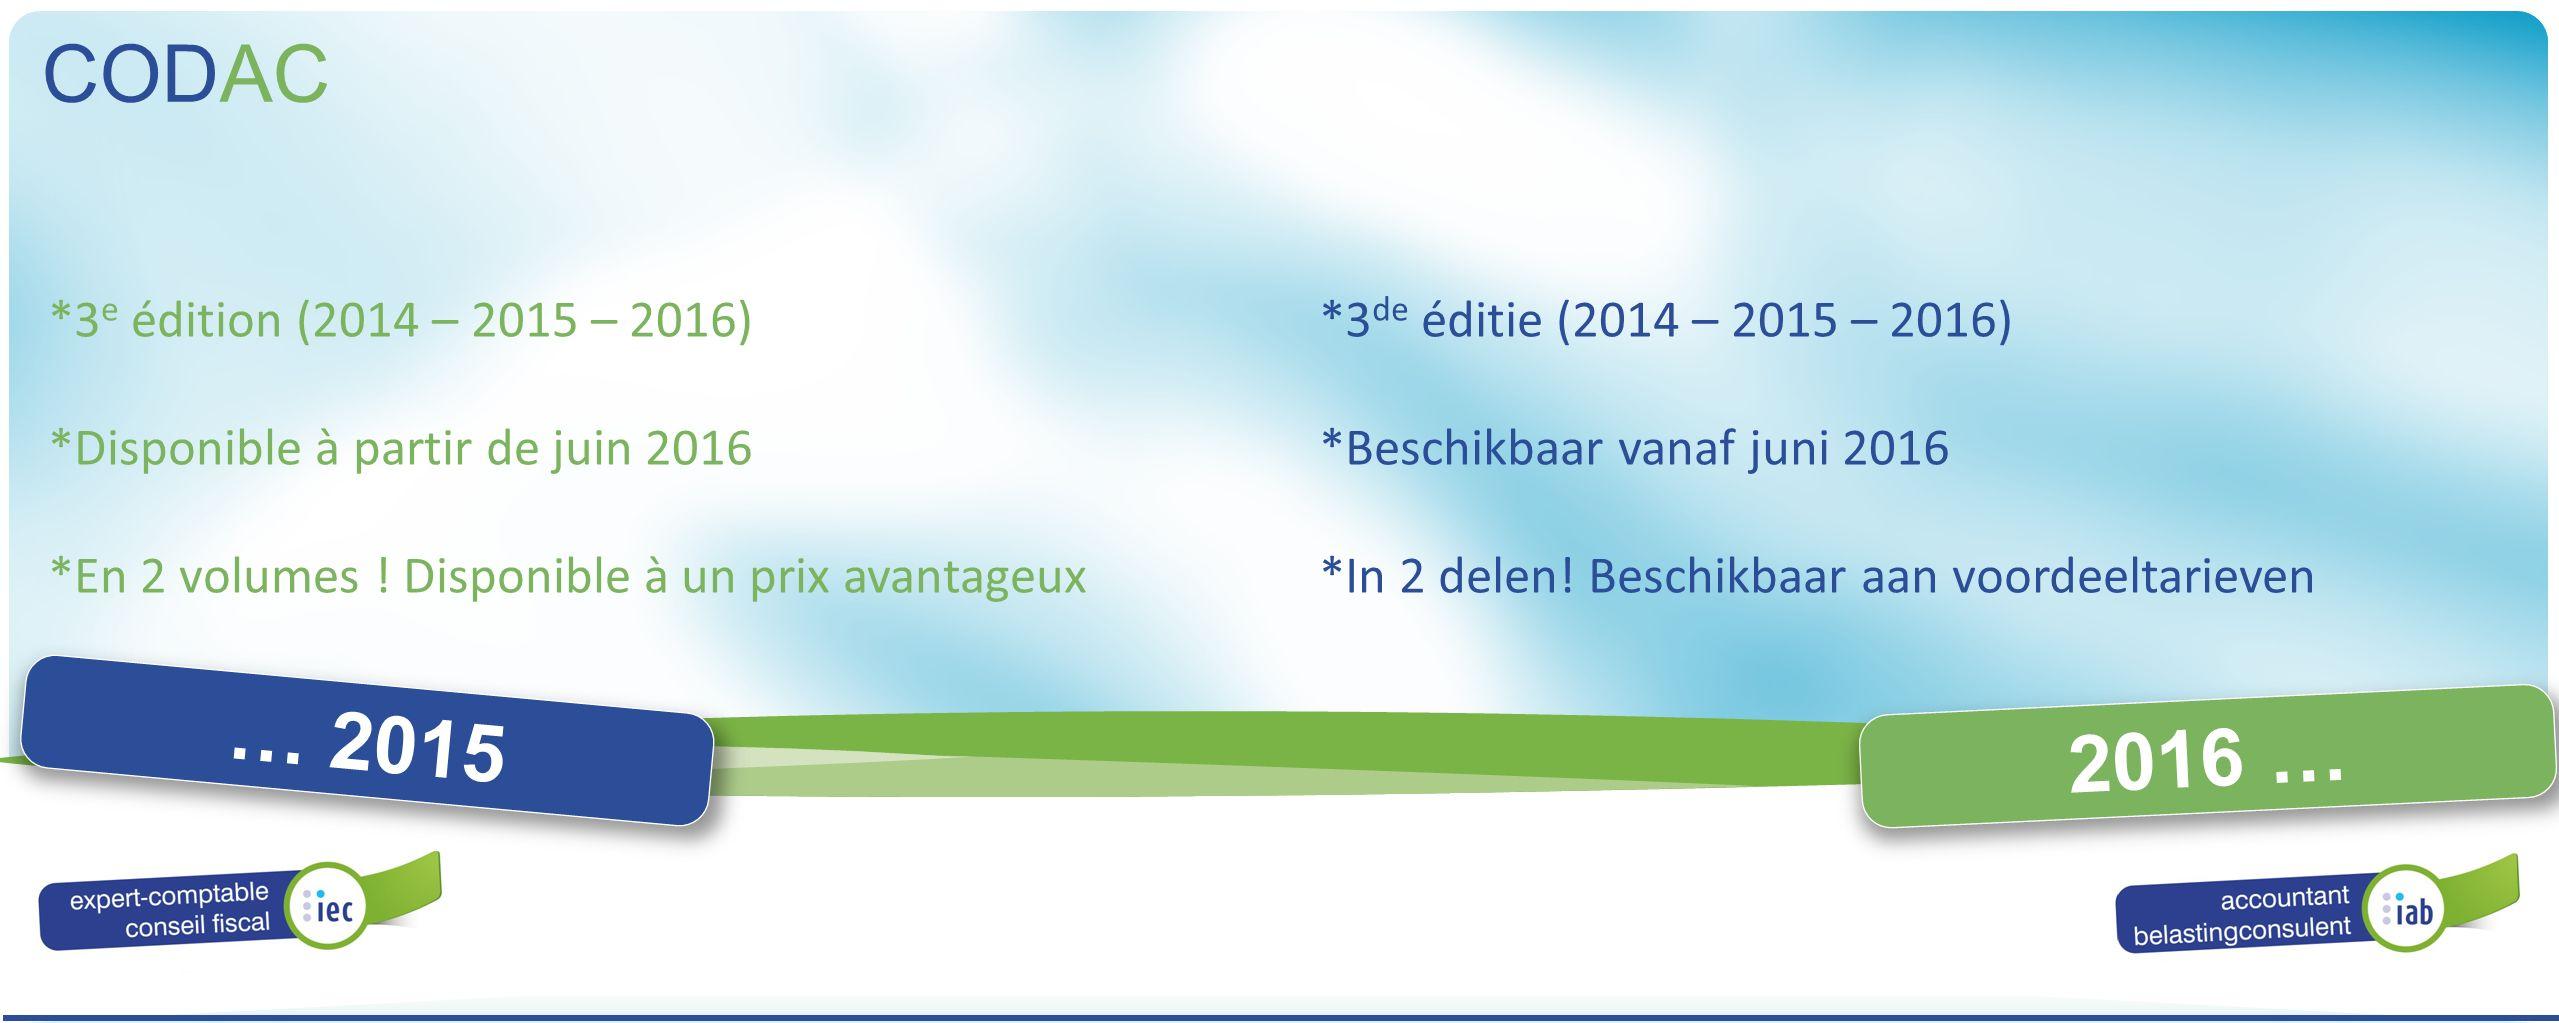 ALGEMENE VERGADERING ASSEMBLÉE GÉNÉRALE 2016 … 2015 CODAC 2016 … *3 e édition (2014 – 2015 – 2016) *Disponible à partir de juin 2016 *En 2 volumes .